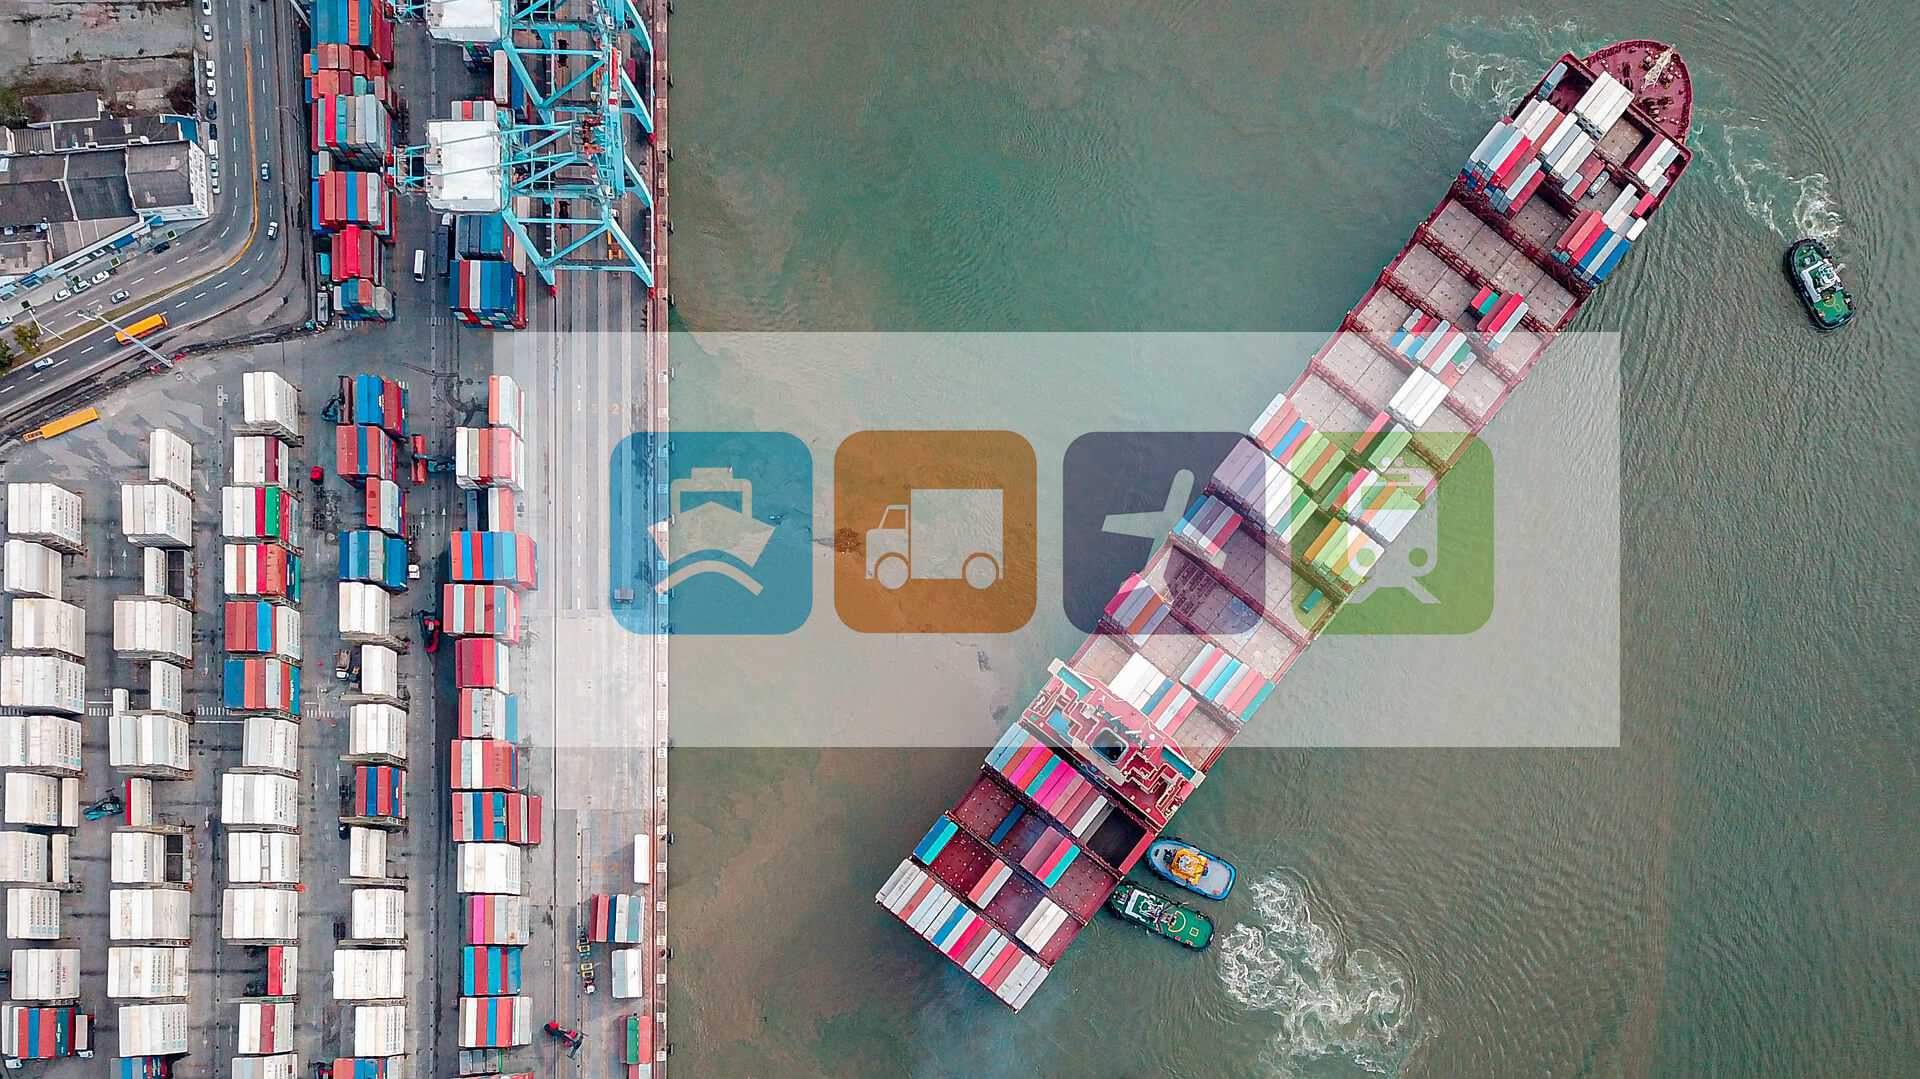 海上保険の基礎知識 | 貿易保険との違い / 海上保険の種類と対象 / 補償内容・保険金額・保険料・期間…ほか